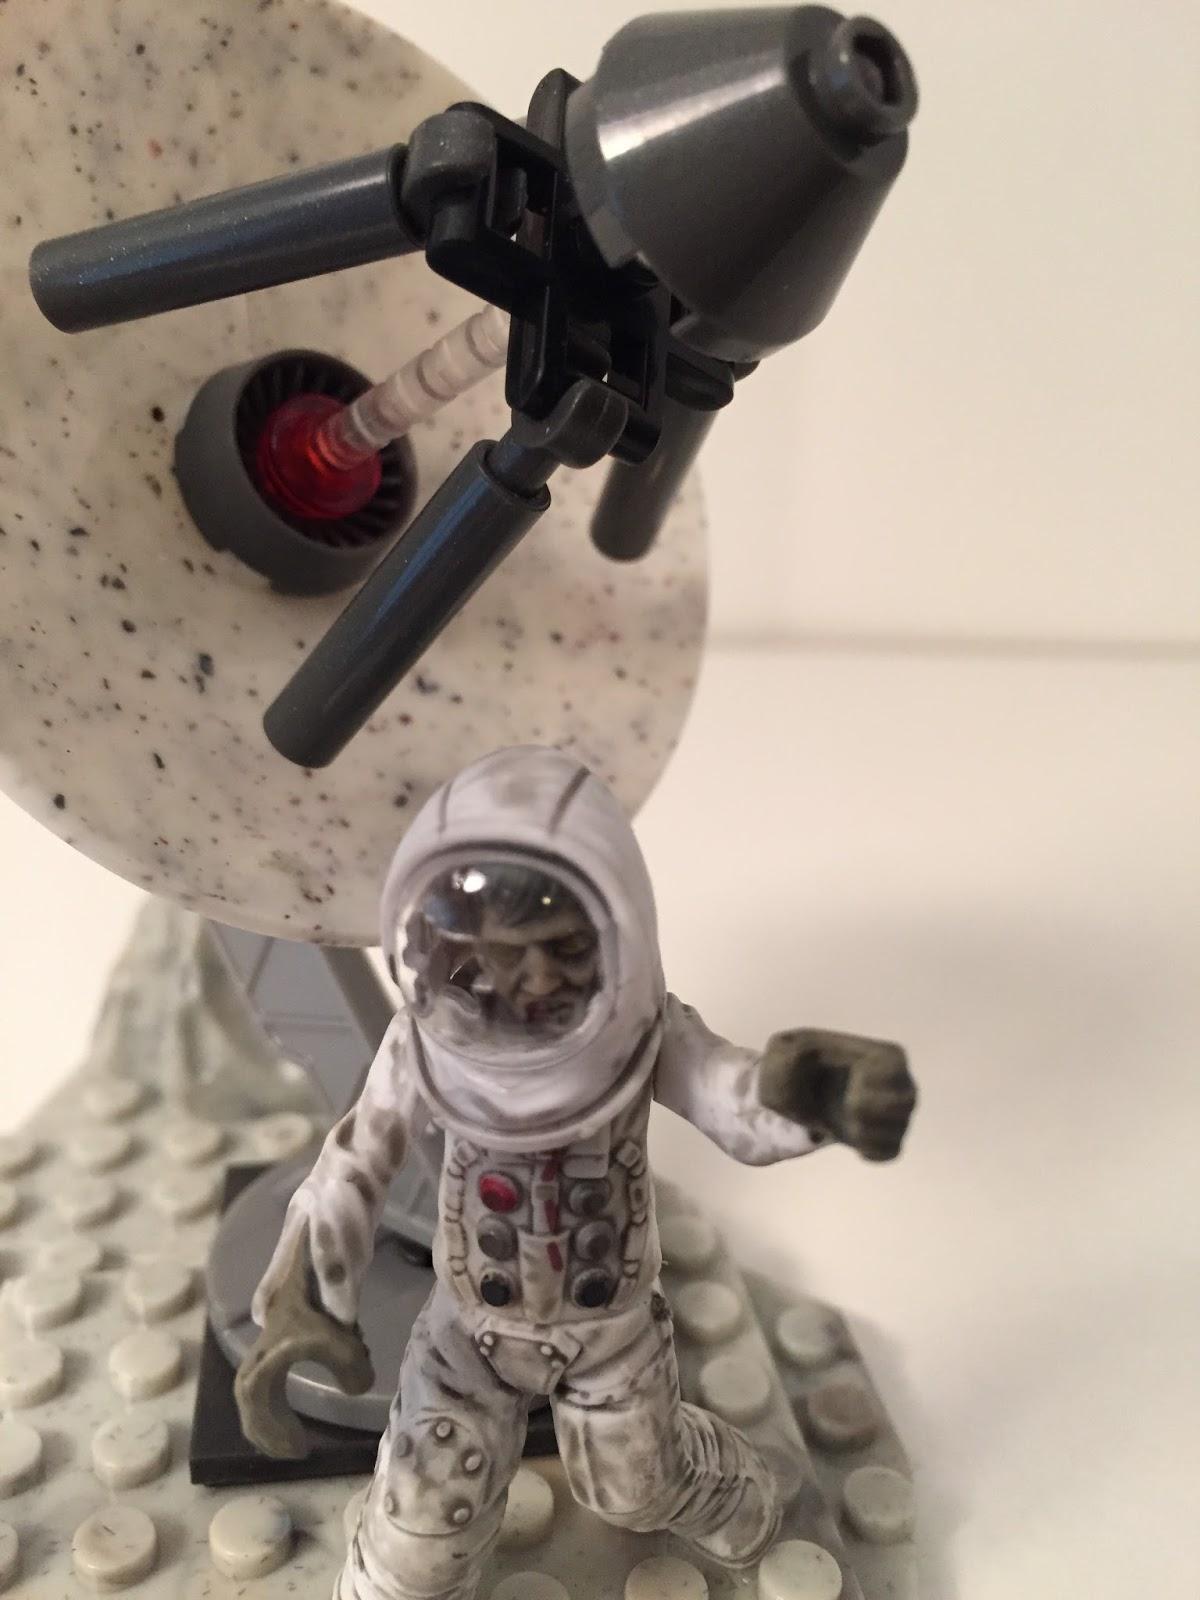 moon base call of duty - photo #30